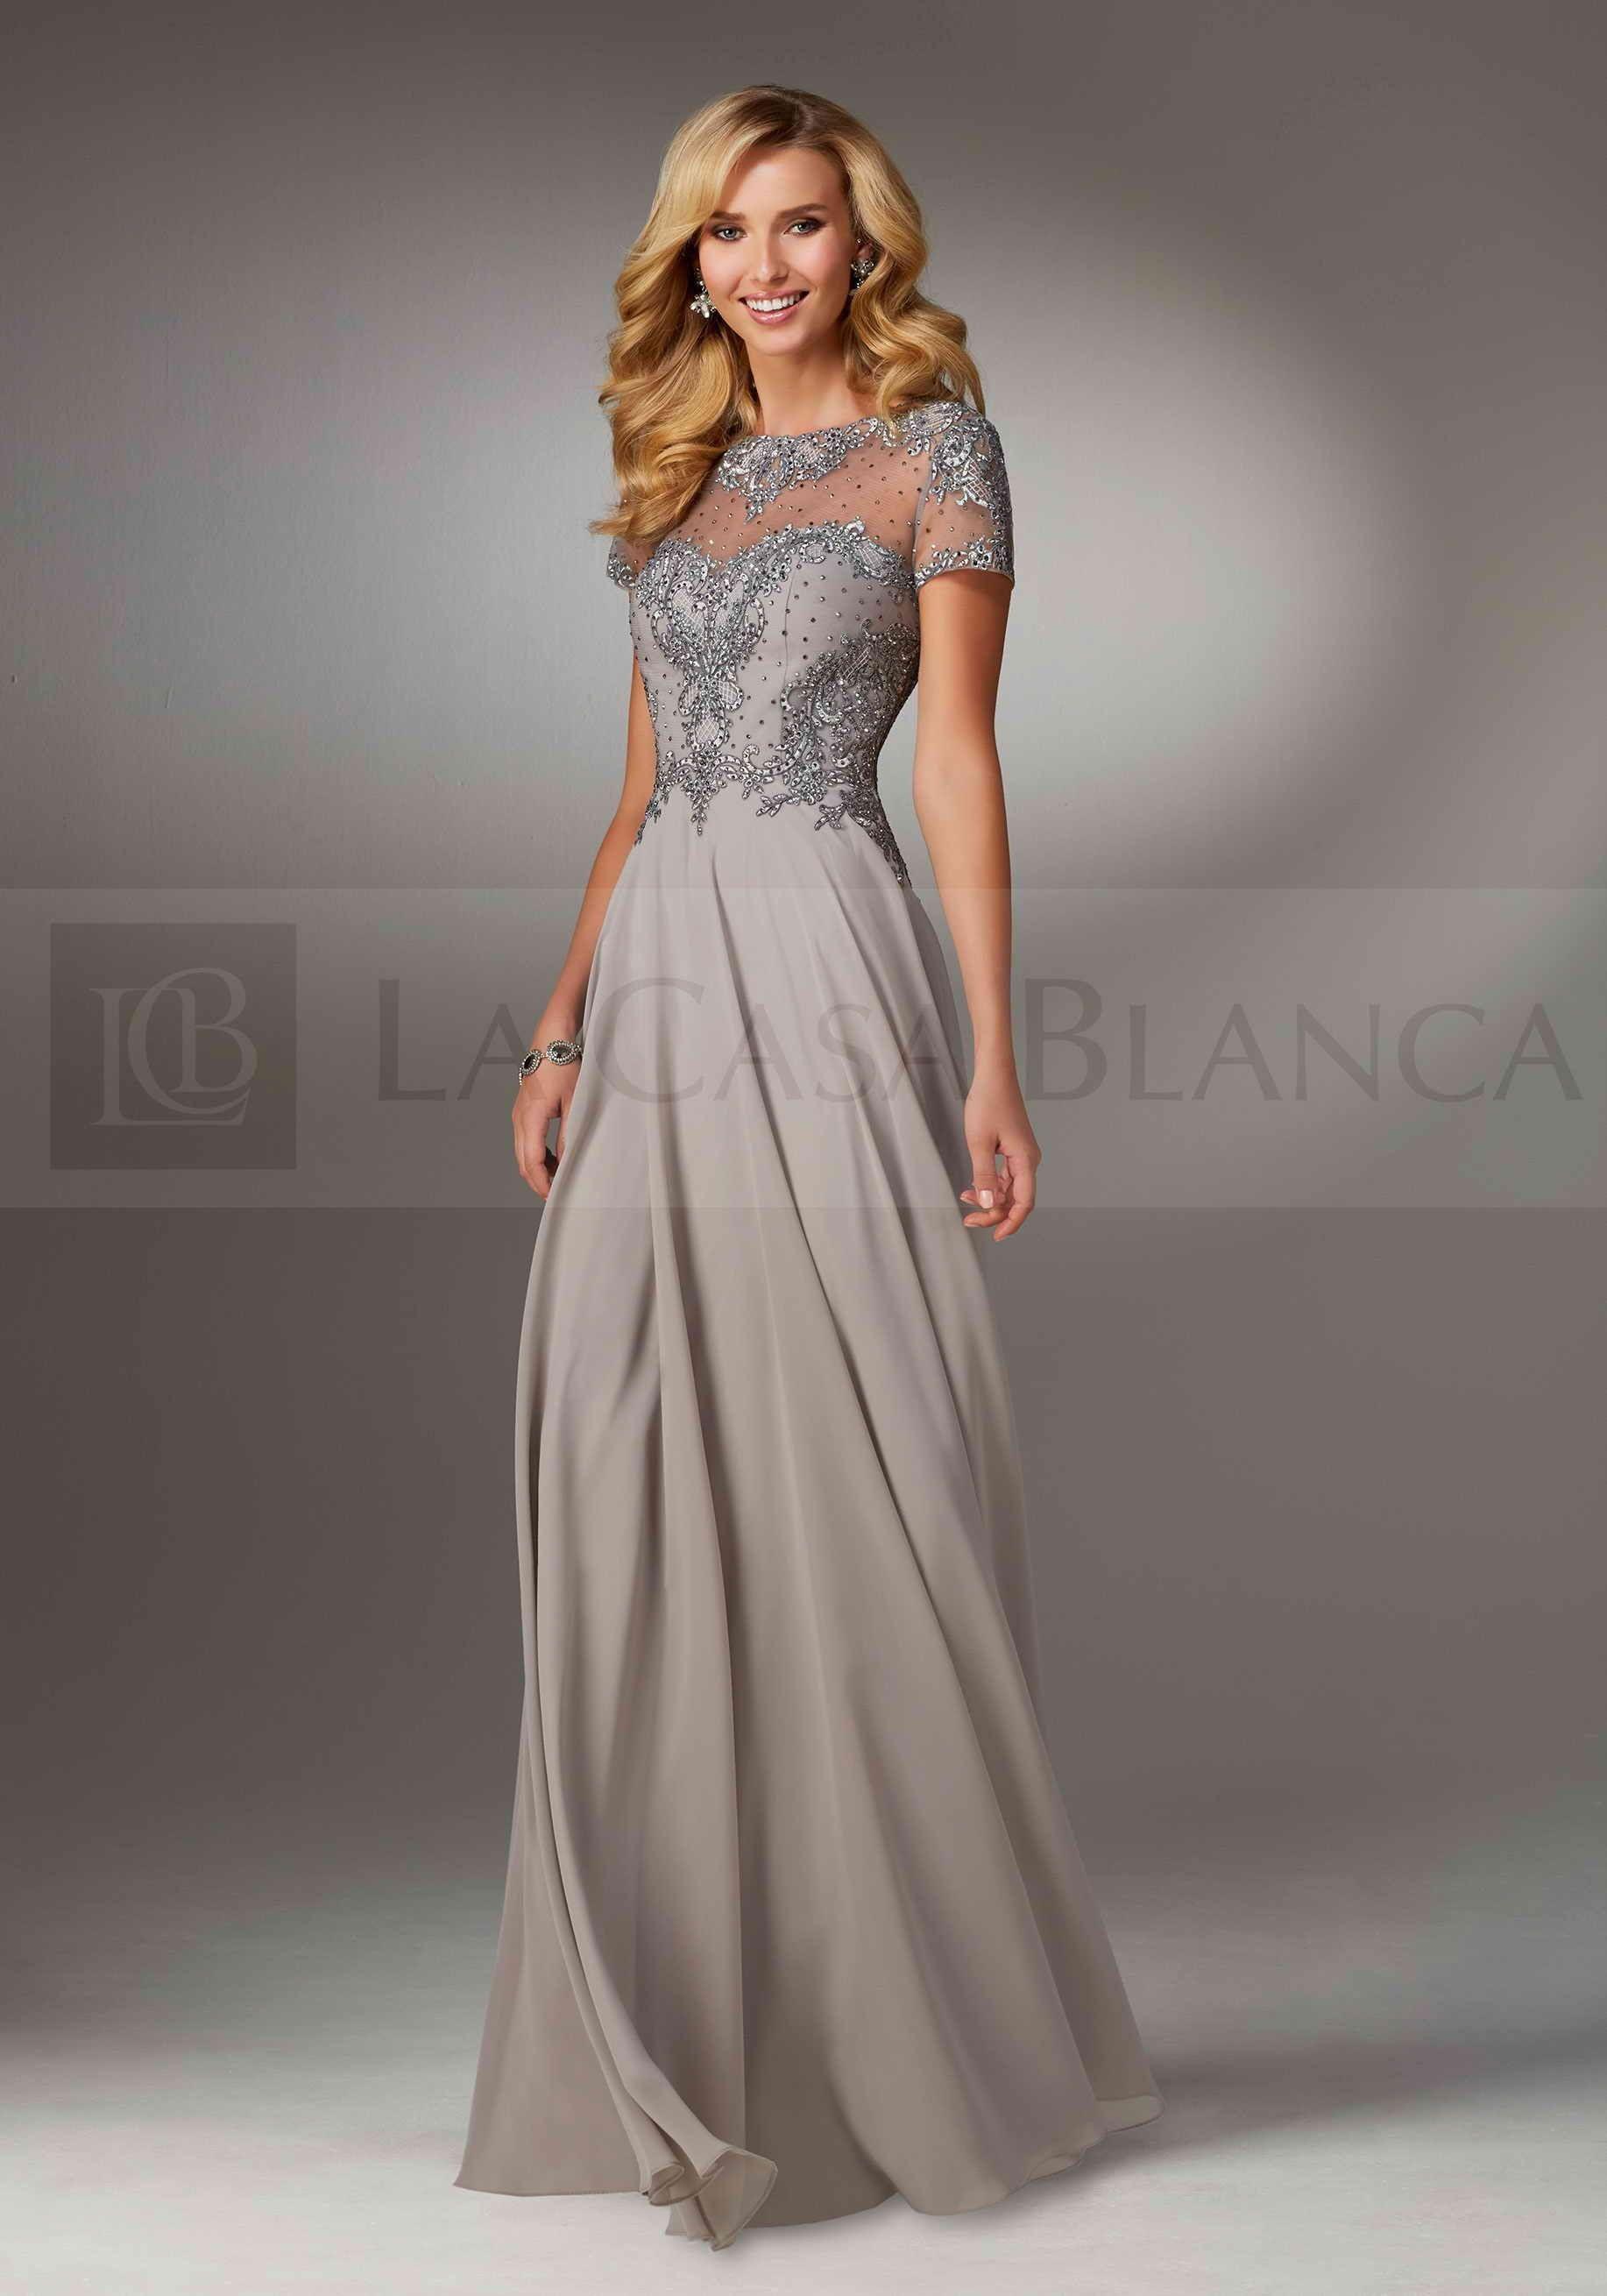 Modelos de vestidos para dama elegantes